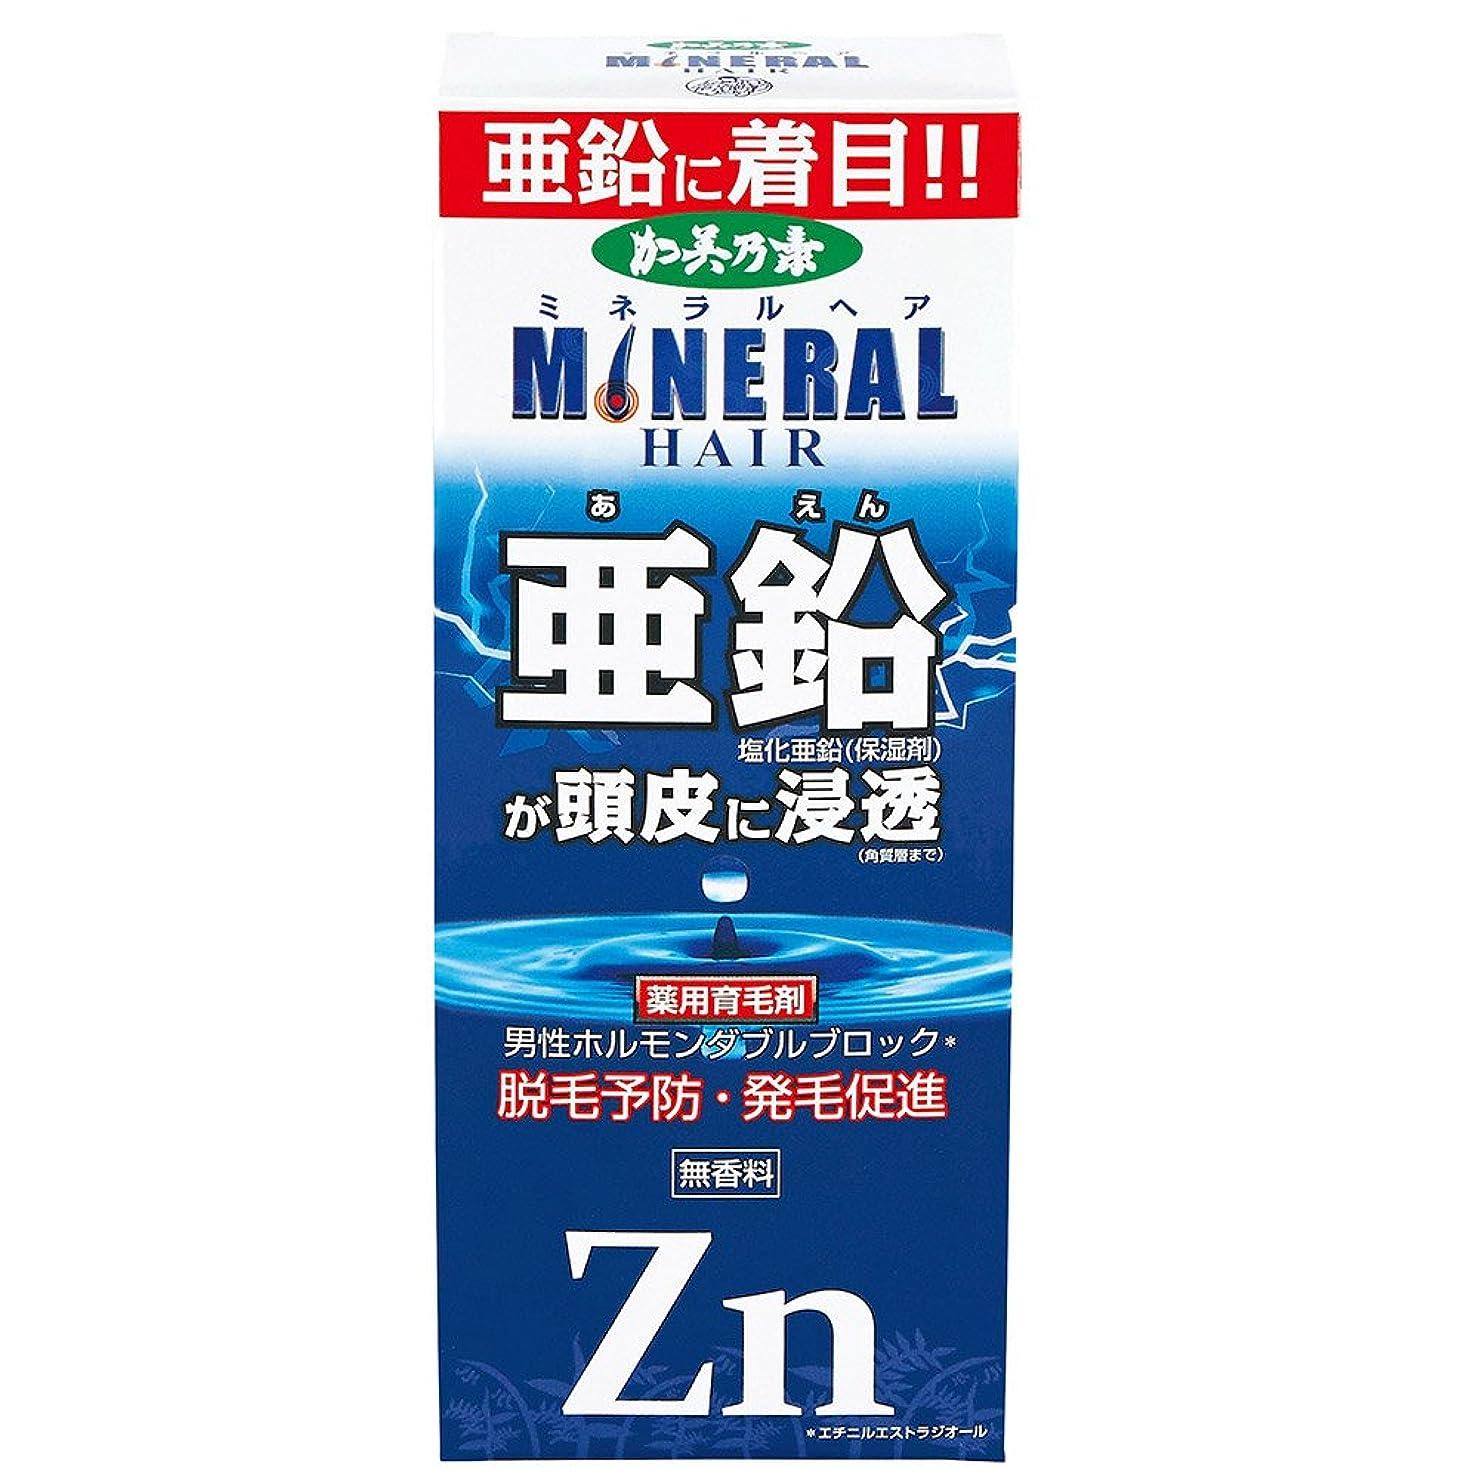 進化する容器デモンストレーション薬用加美乃素 ミネラルヘア 育毛剤 180mL (医薬部外品)